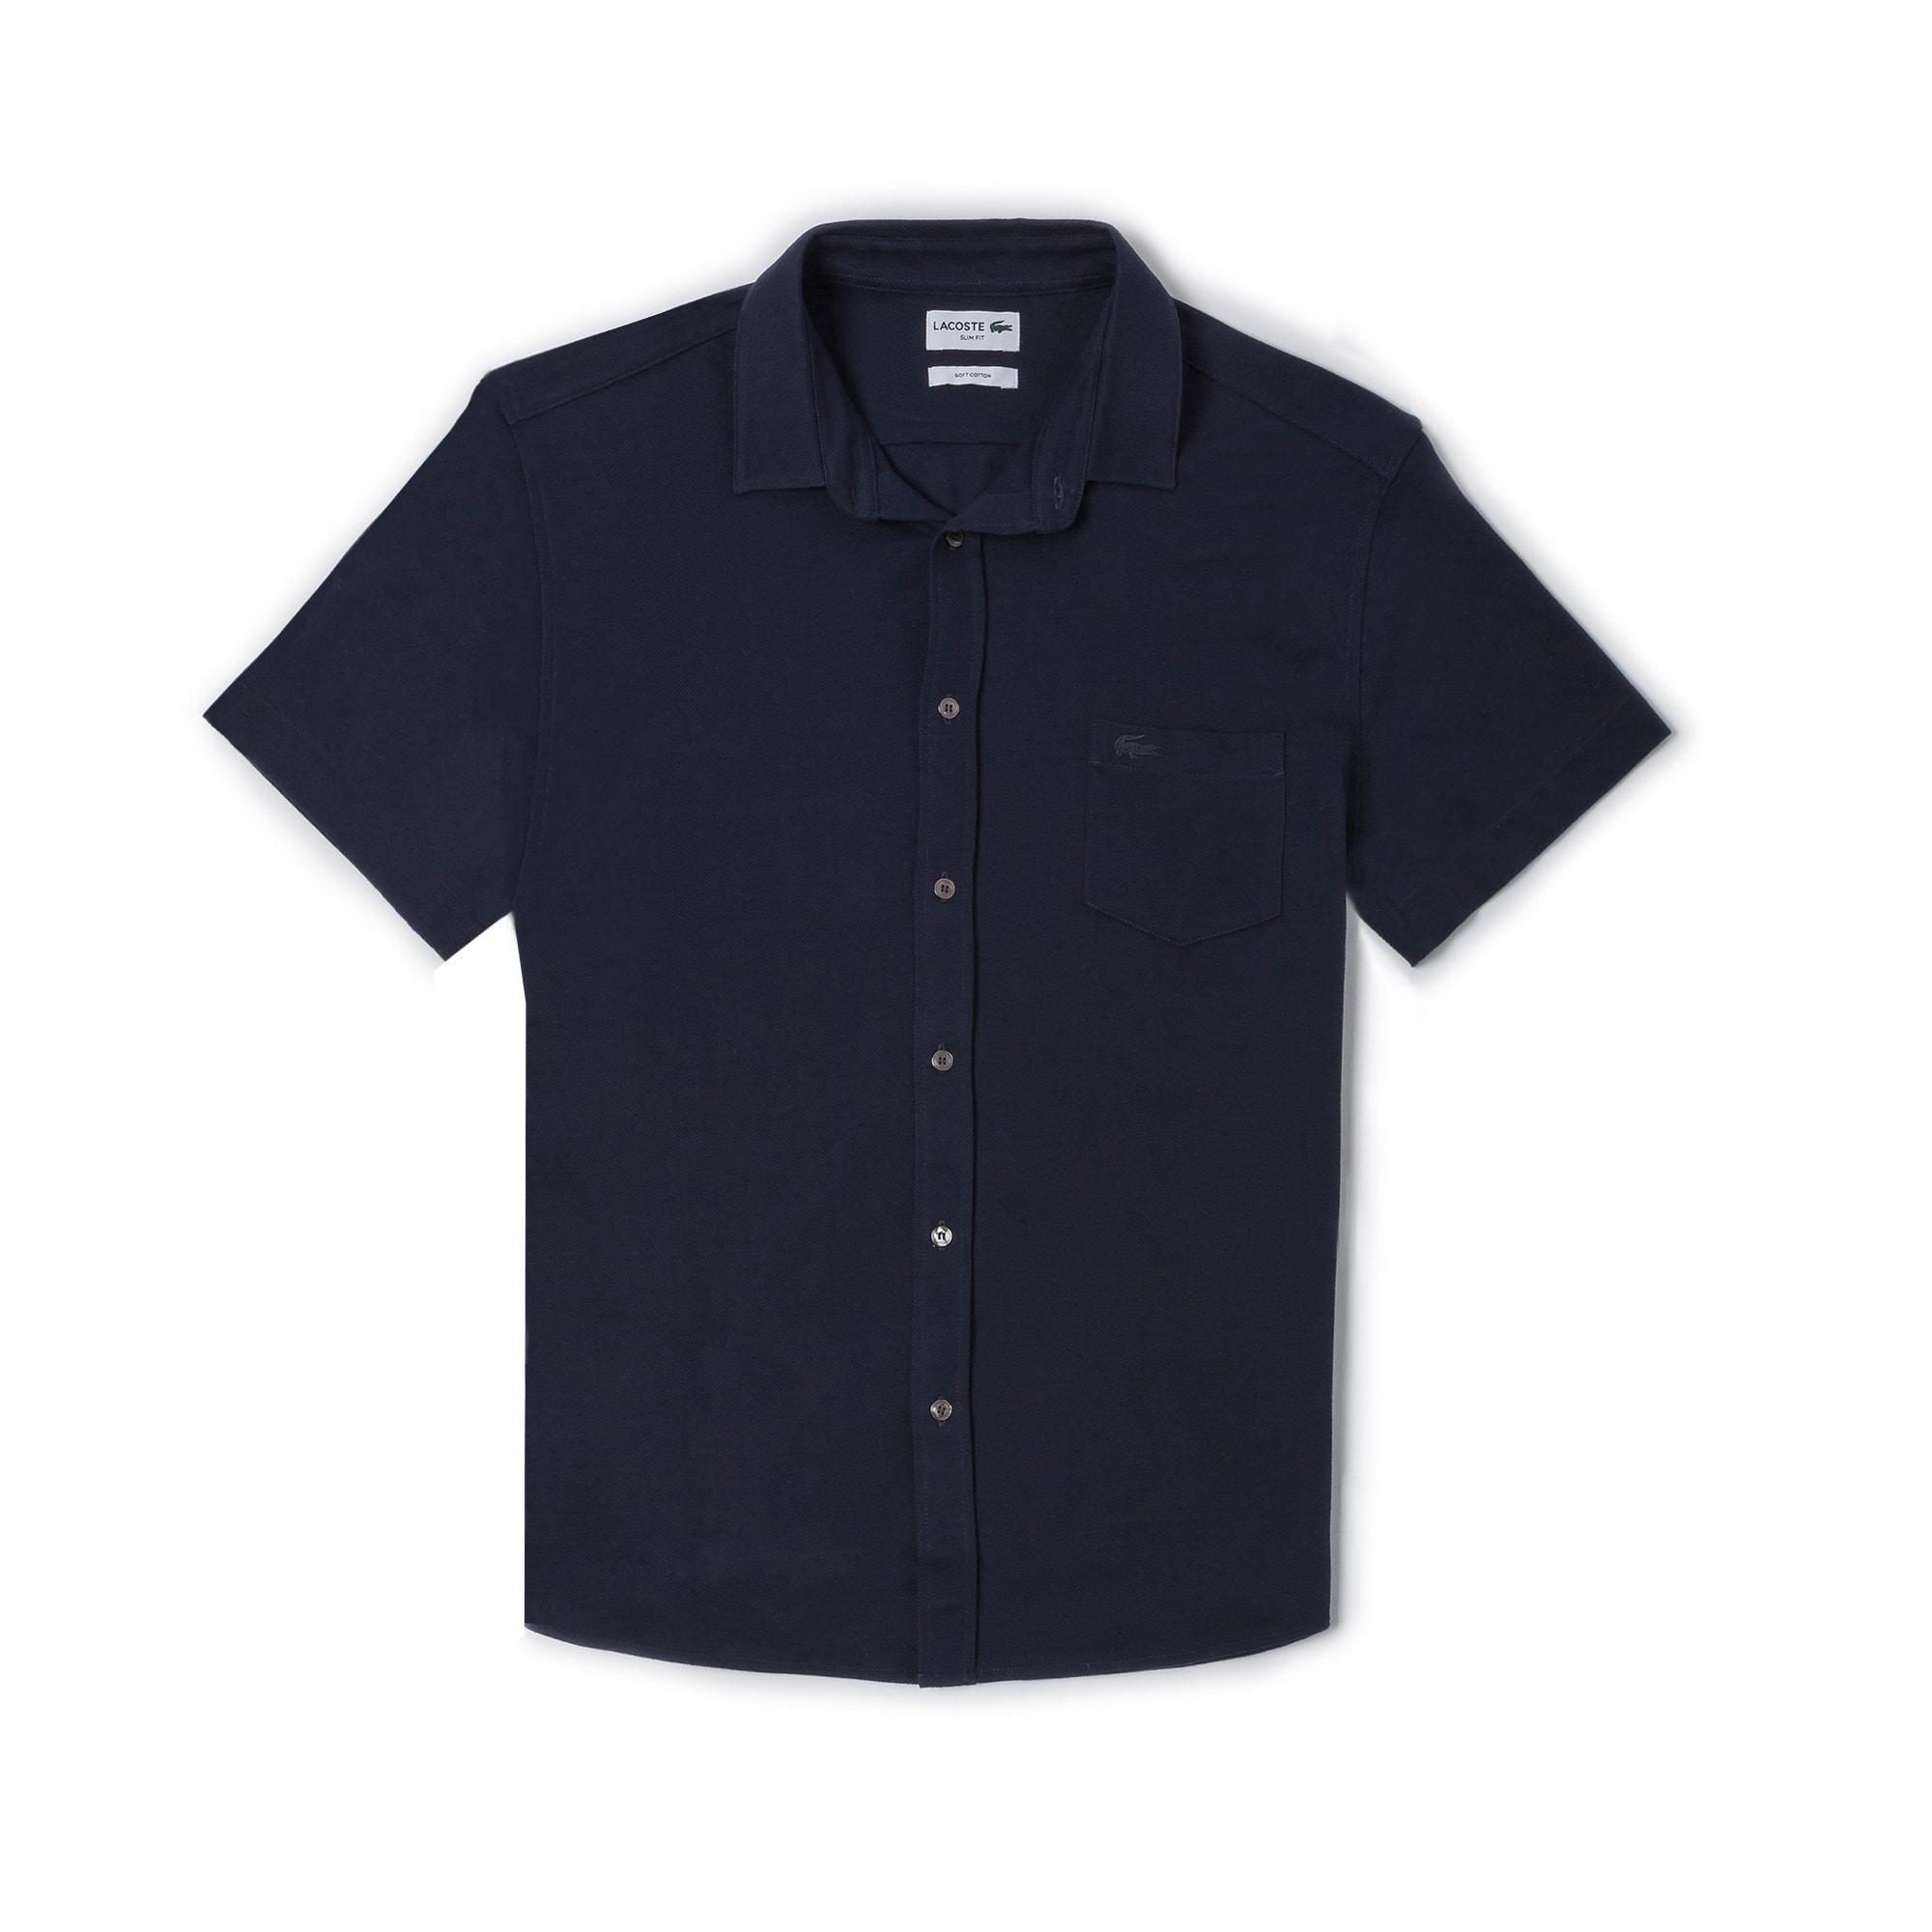 Men's Slim Fit Cotton Piqué Shirt